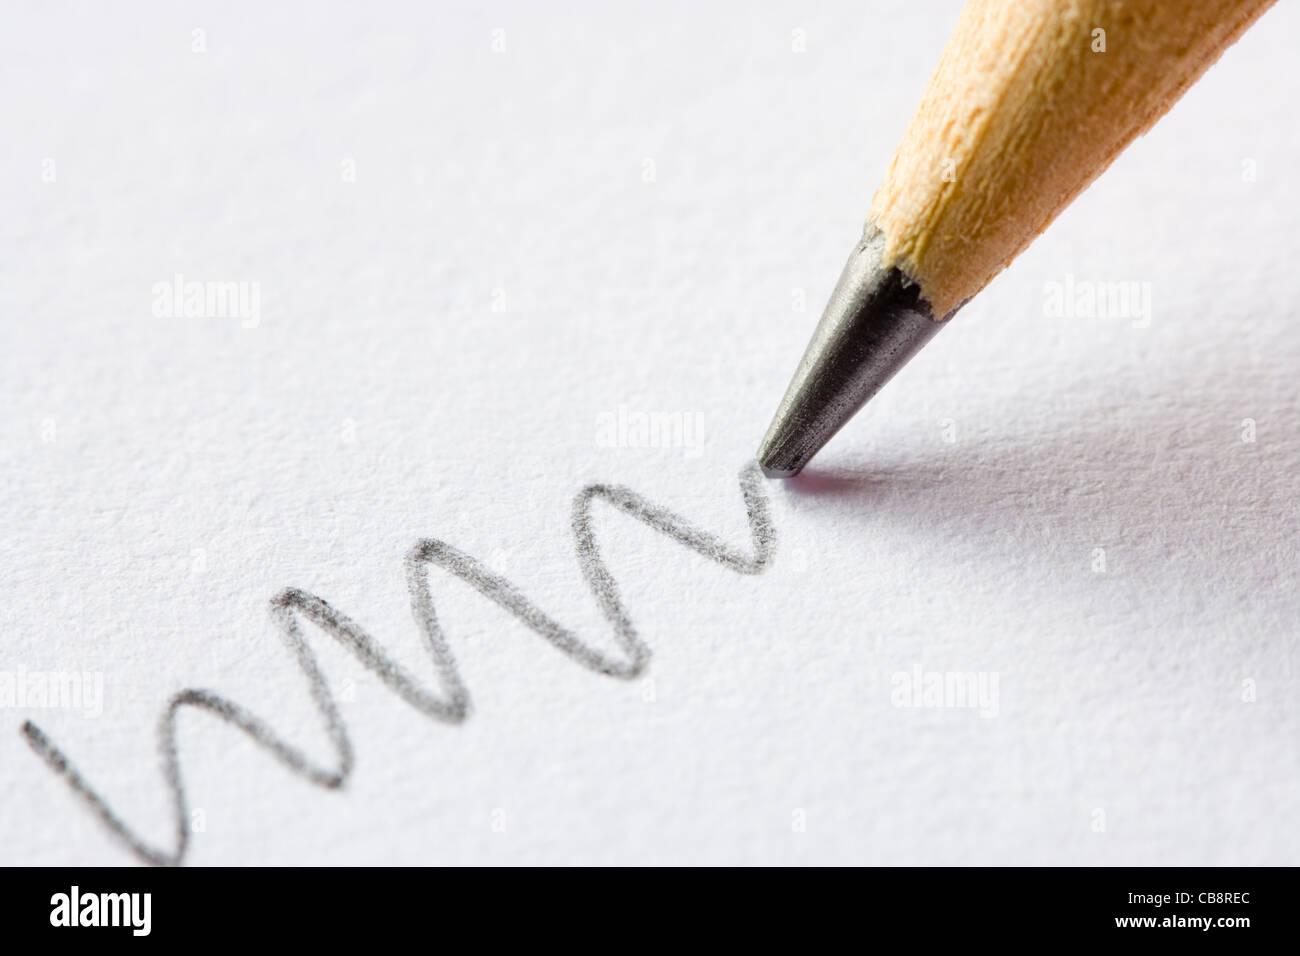 Pencil close up. - Stock Image